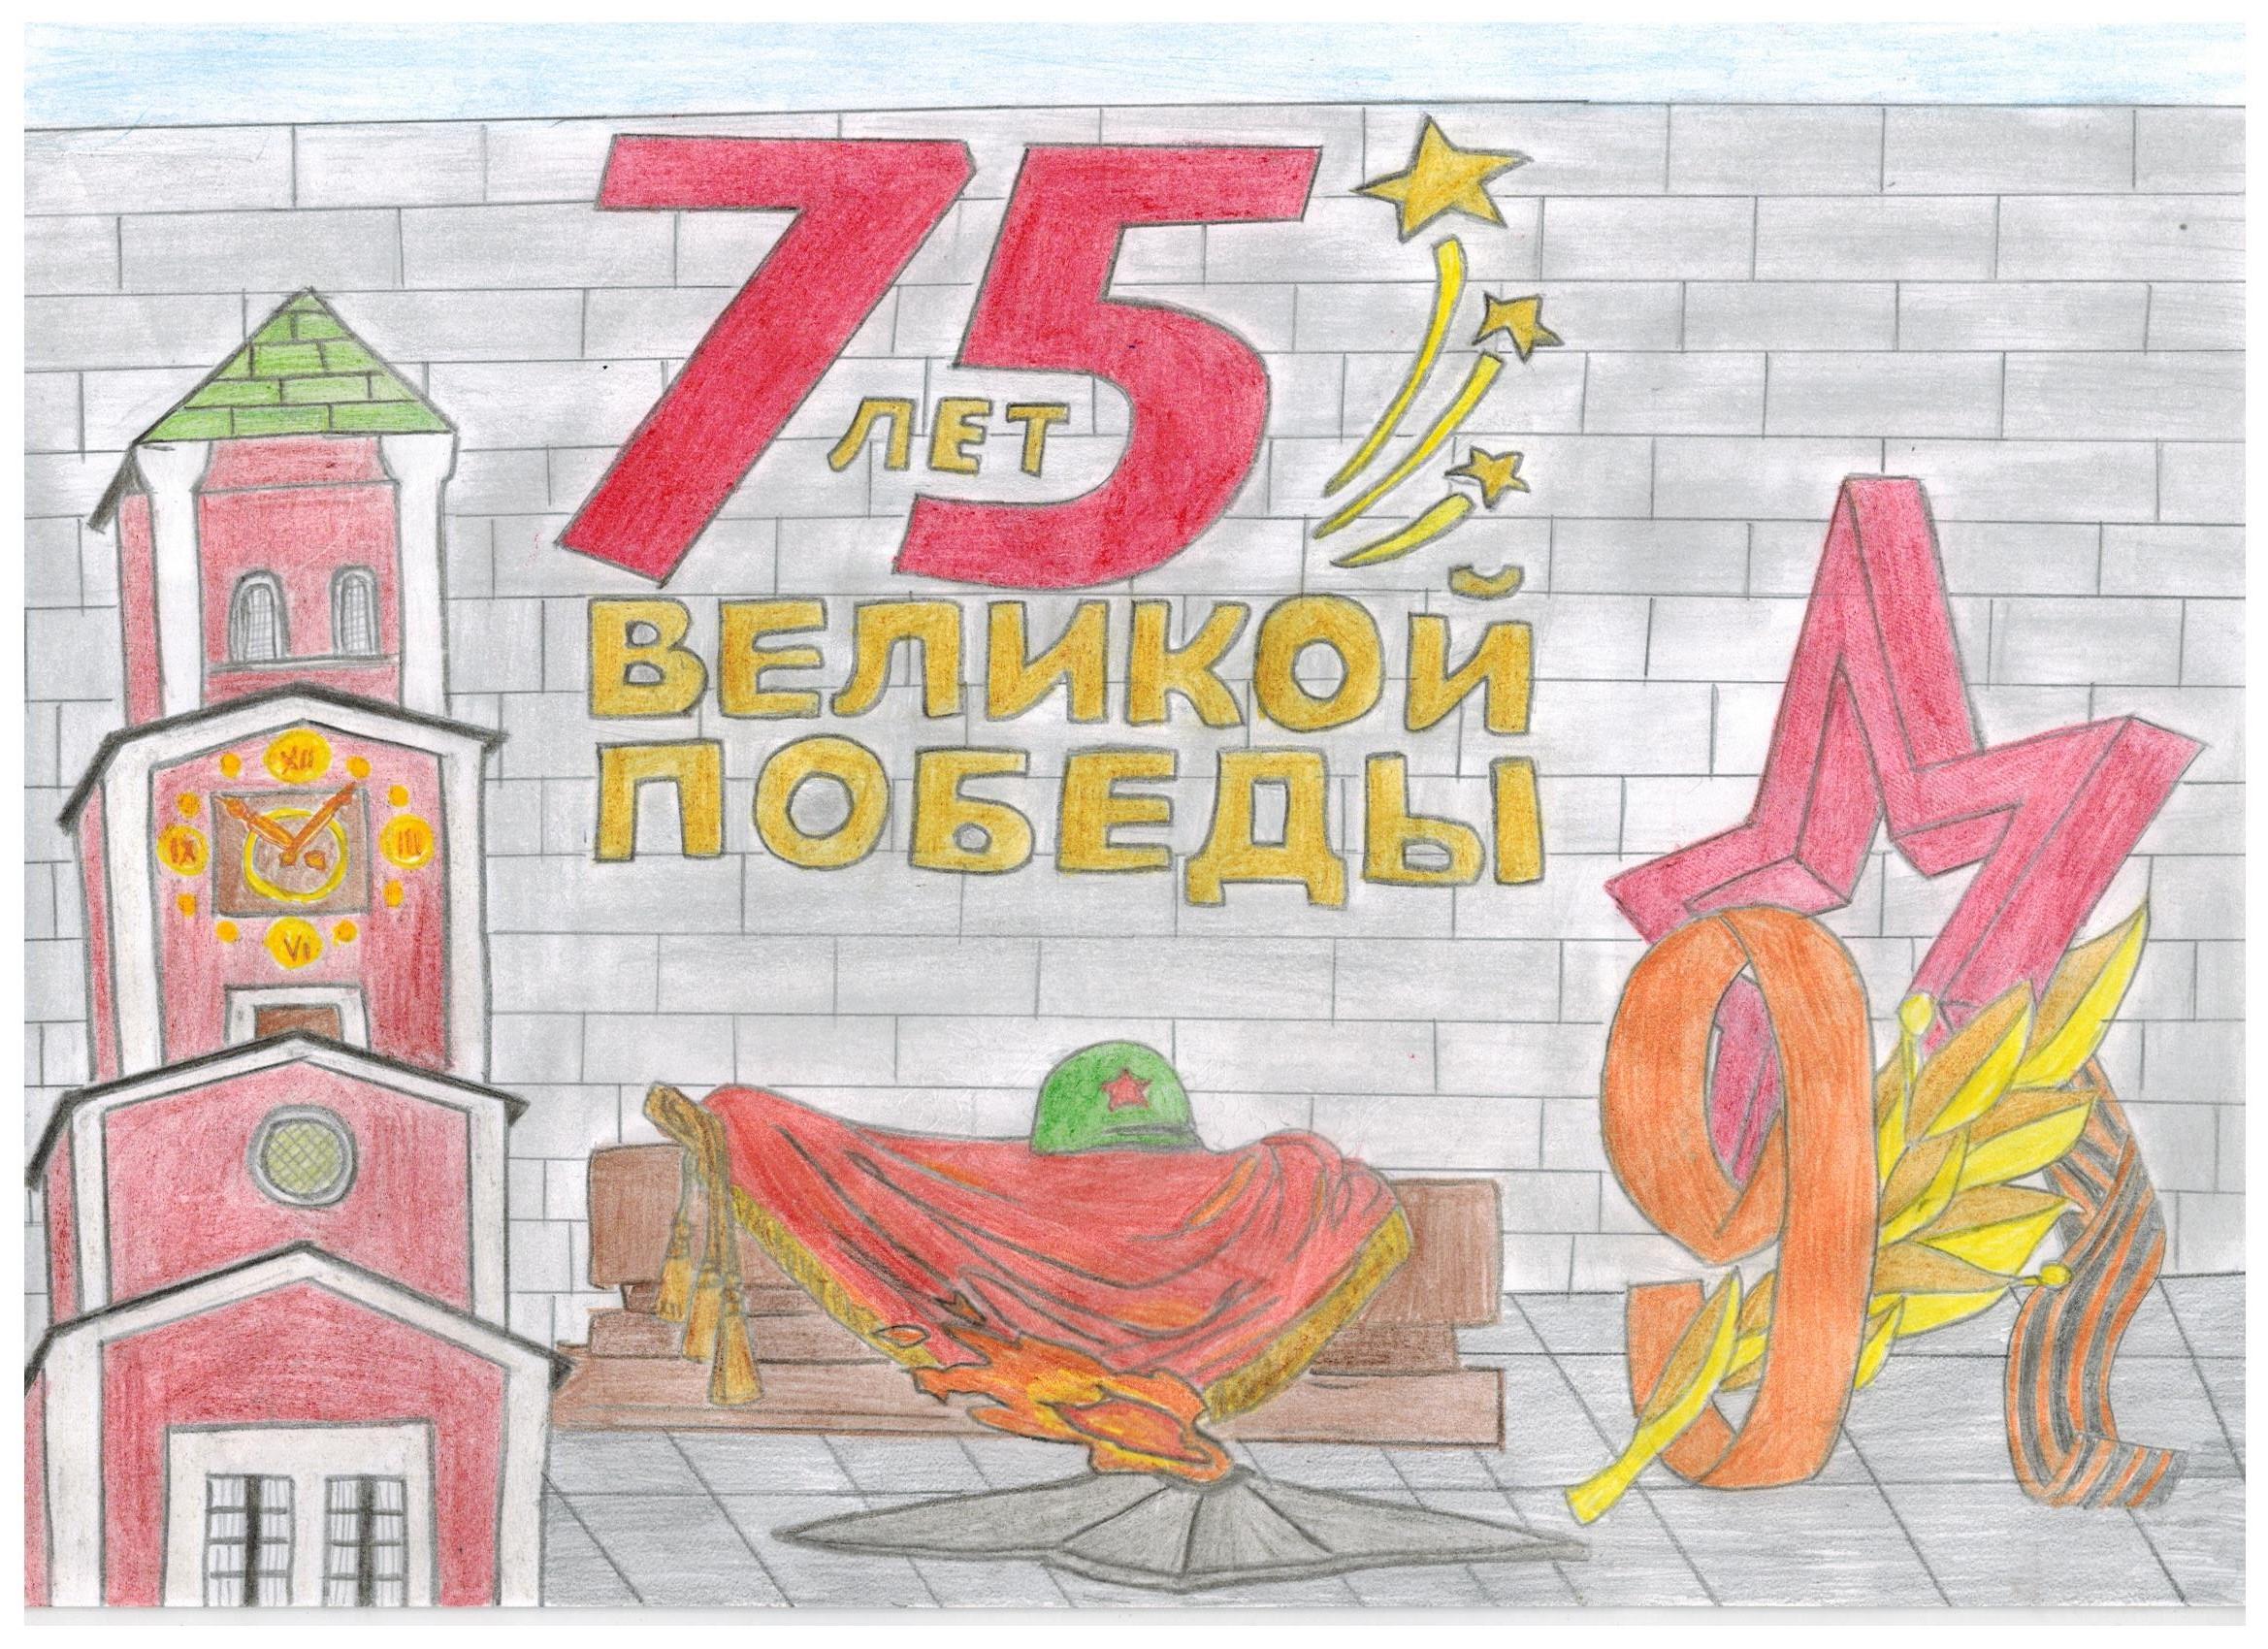 Екатерина Угольникова, Юлия Миняева, Данил Карачурин